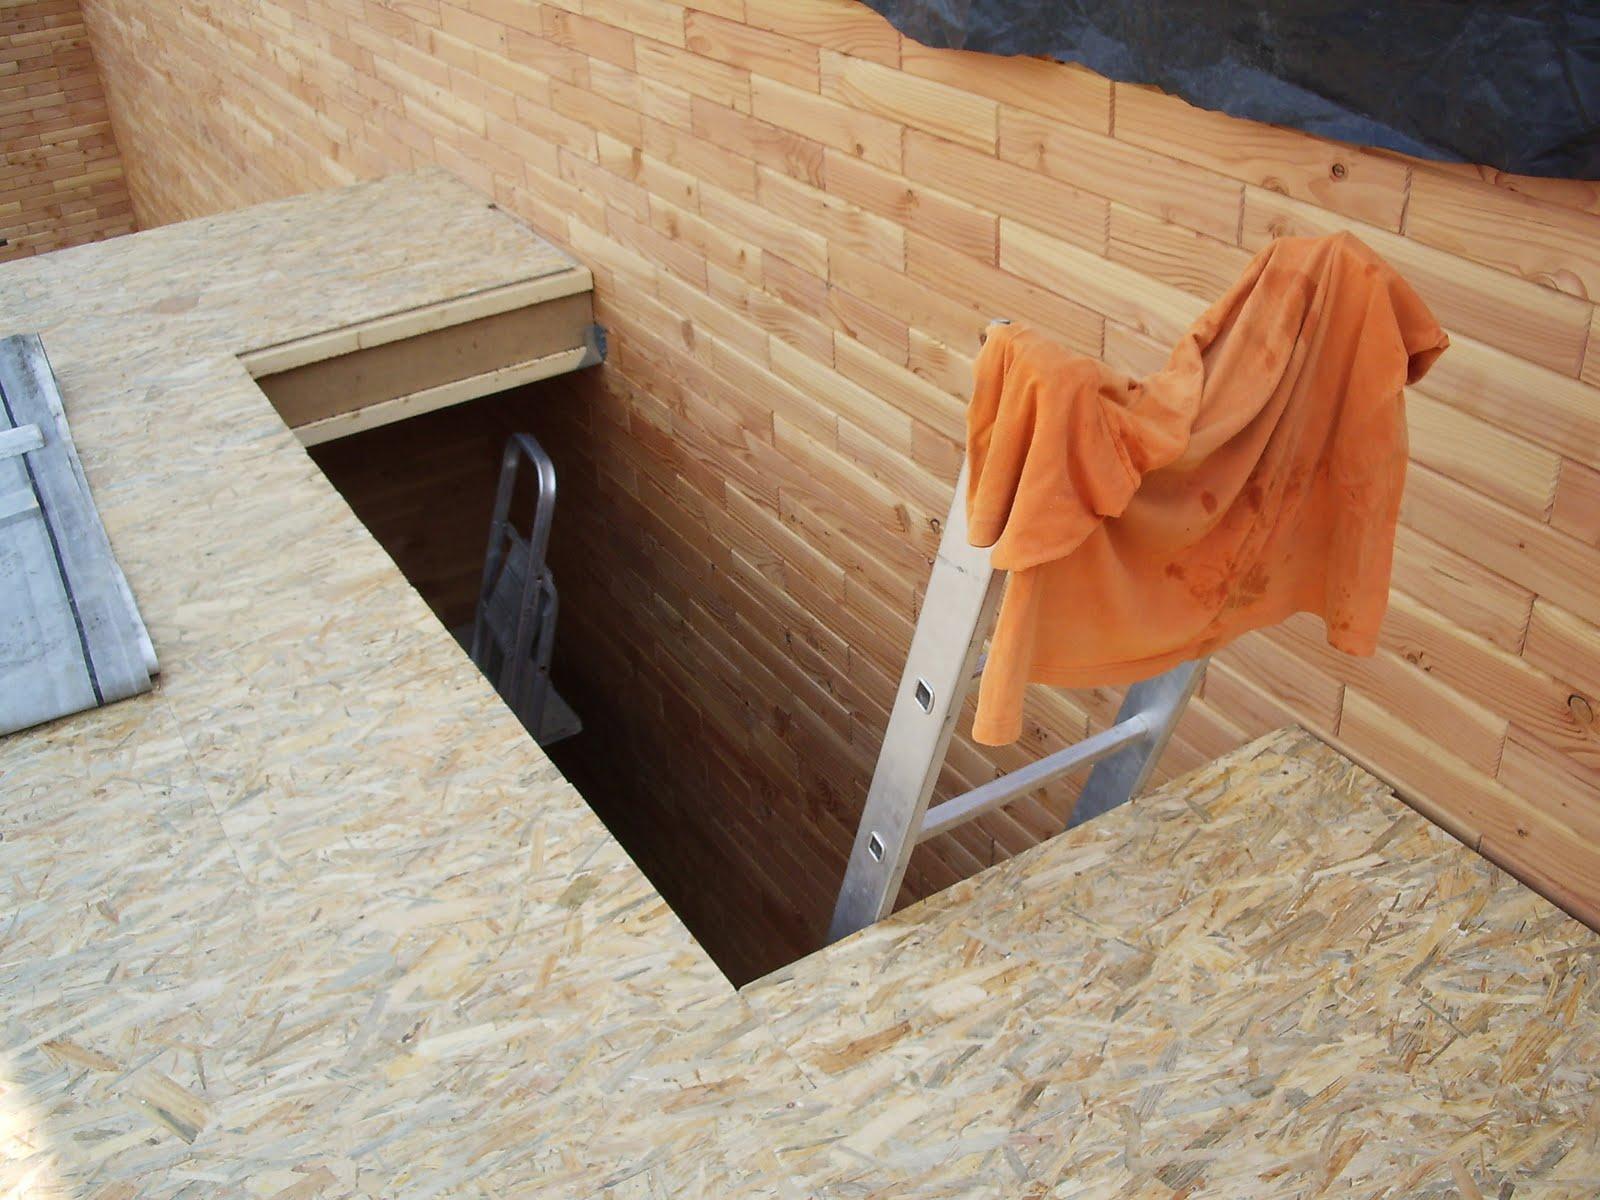 isolation plancher bois etage 28 images iivraison isolation plancher le de mob 25, plancher  # Isolation Plancher Bois Étage